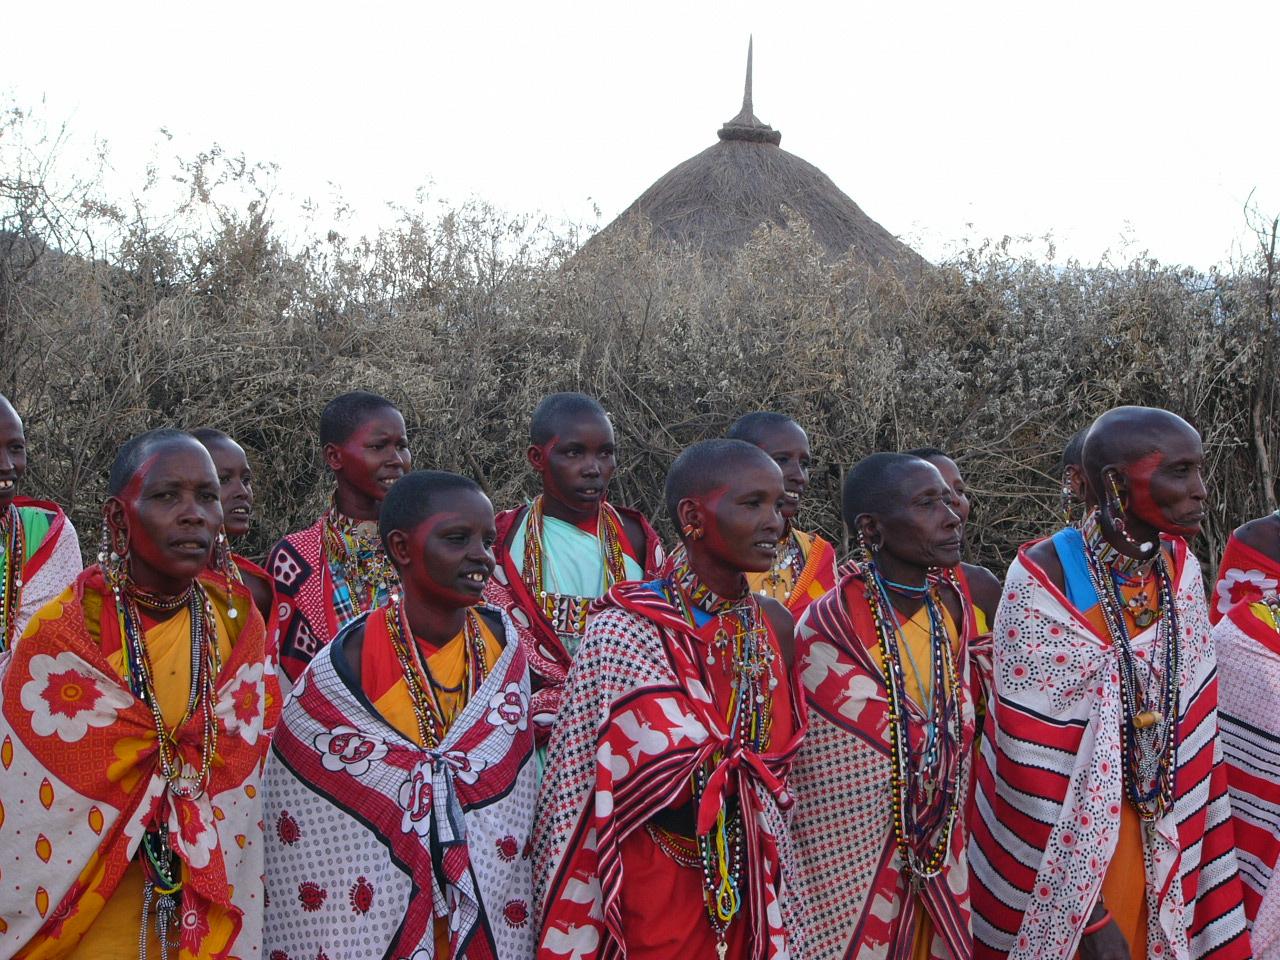 Local Maasai women